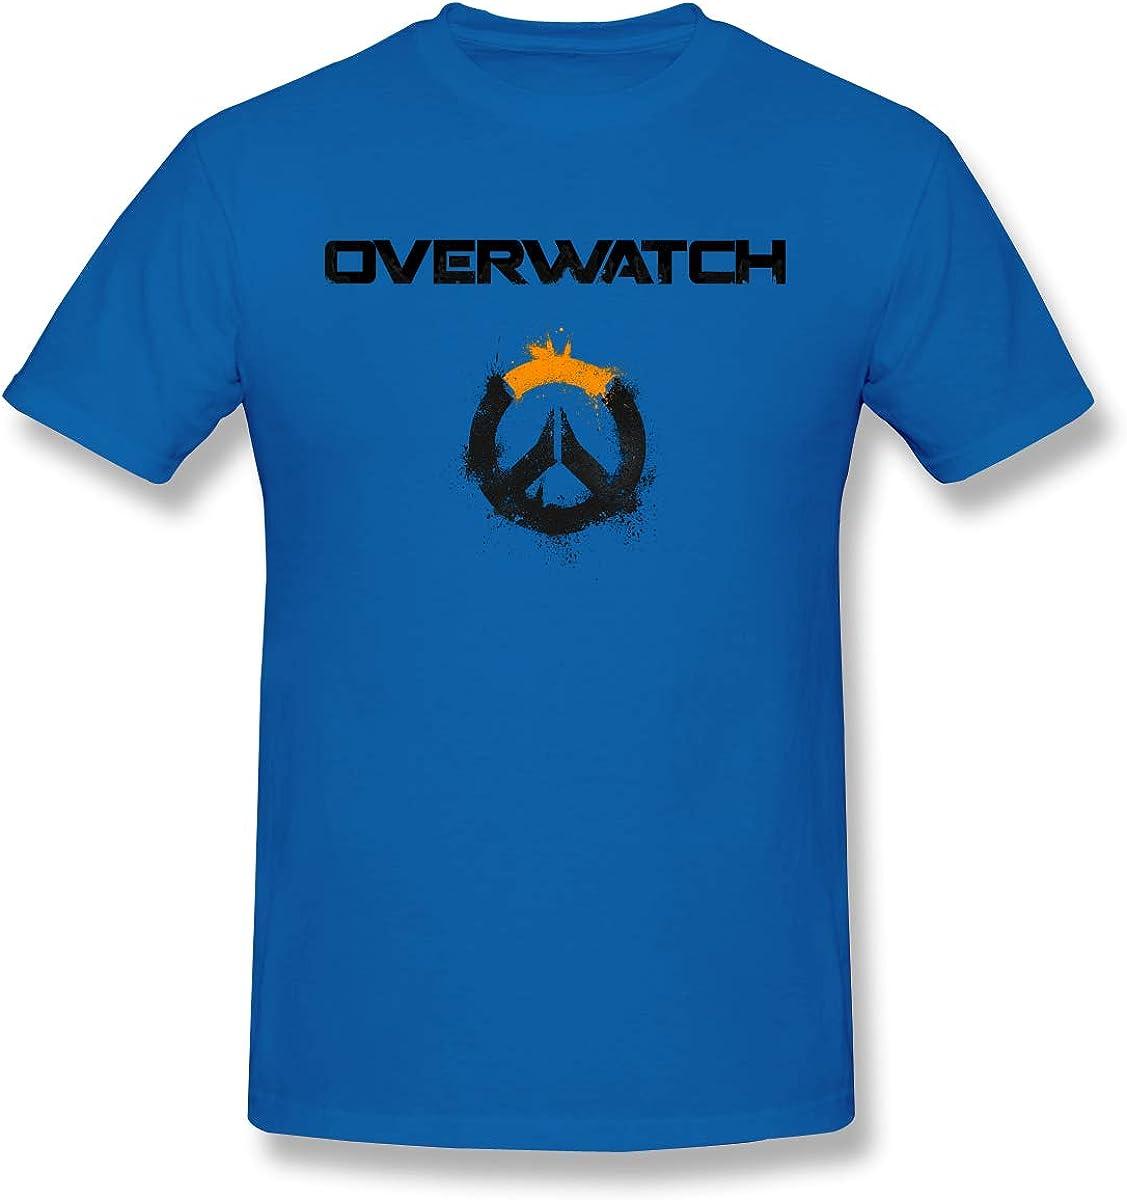 Overwatch Logo Art Graphic T-Shirt (White)